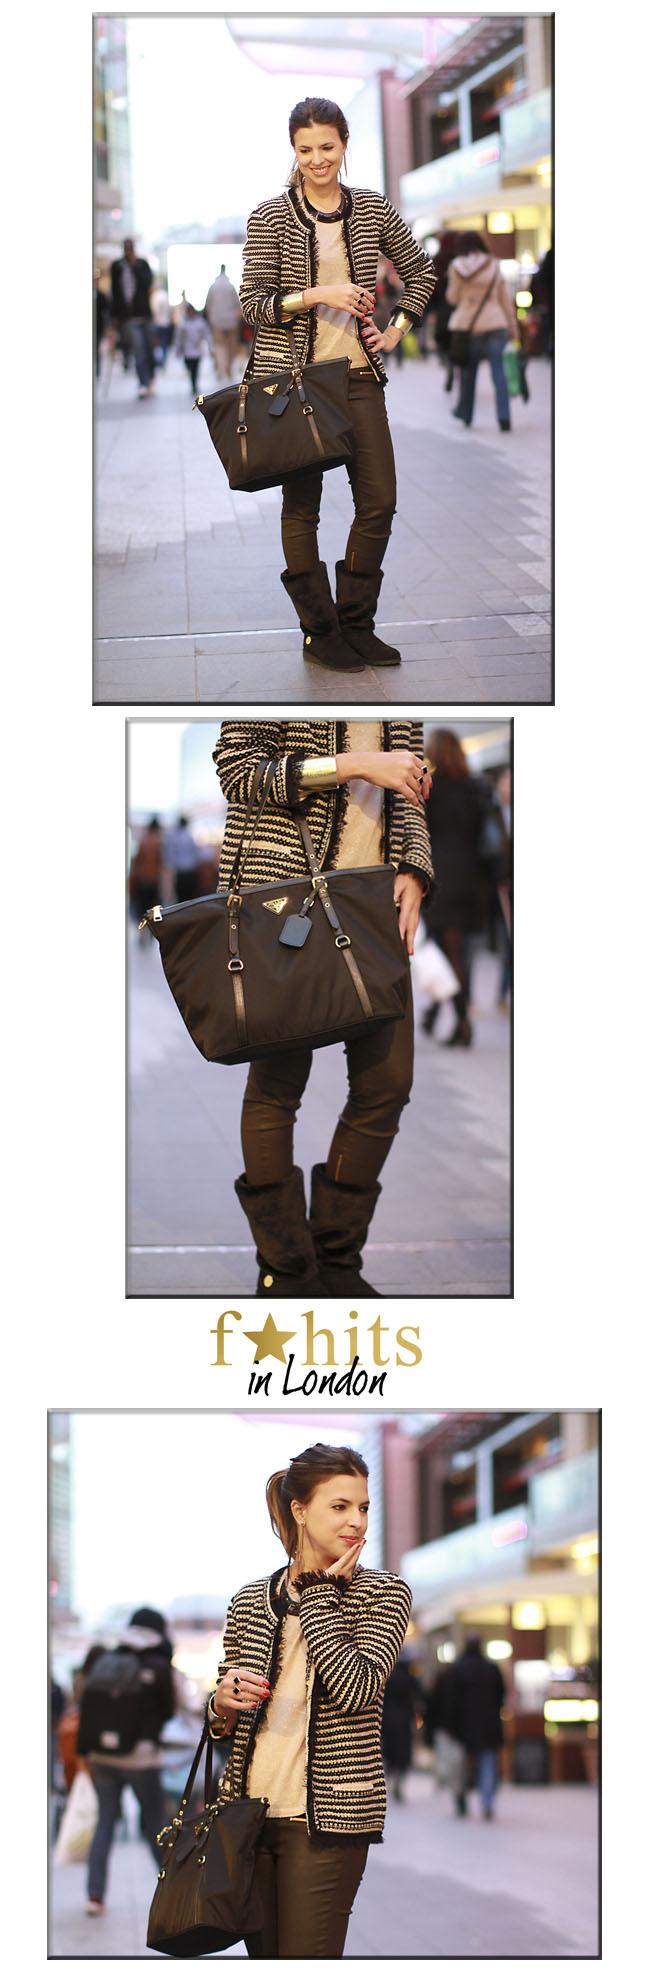 look, look trio, London, Londres, fhits londres, dicas de londres, bota Stuart, fhits, looks blogueiras, bota de pelo, Zara, calça Zara, Mob, bolsa prada, prada